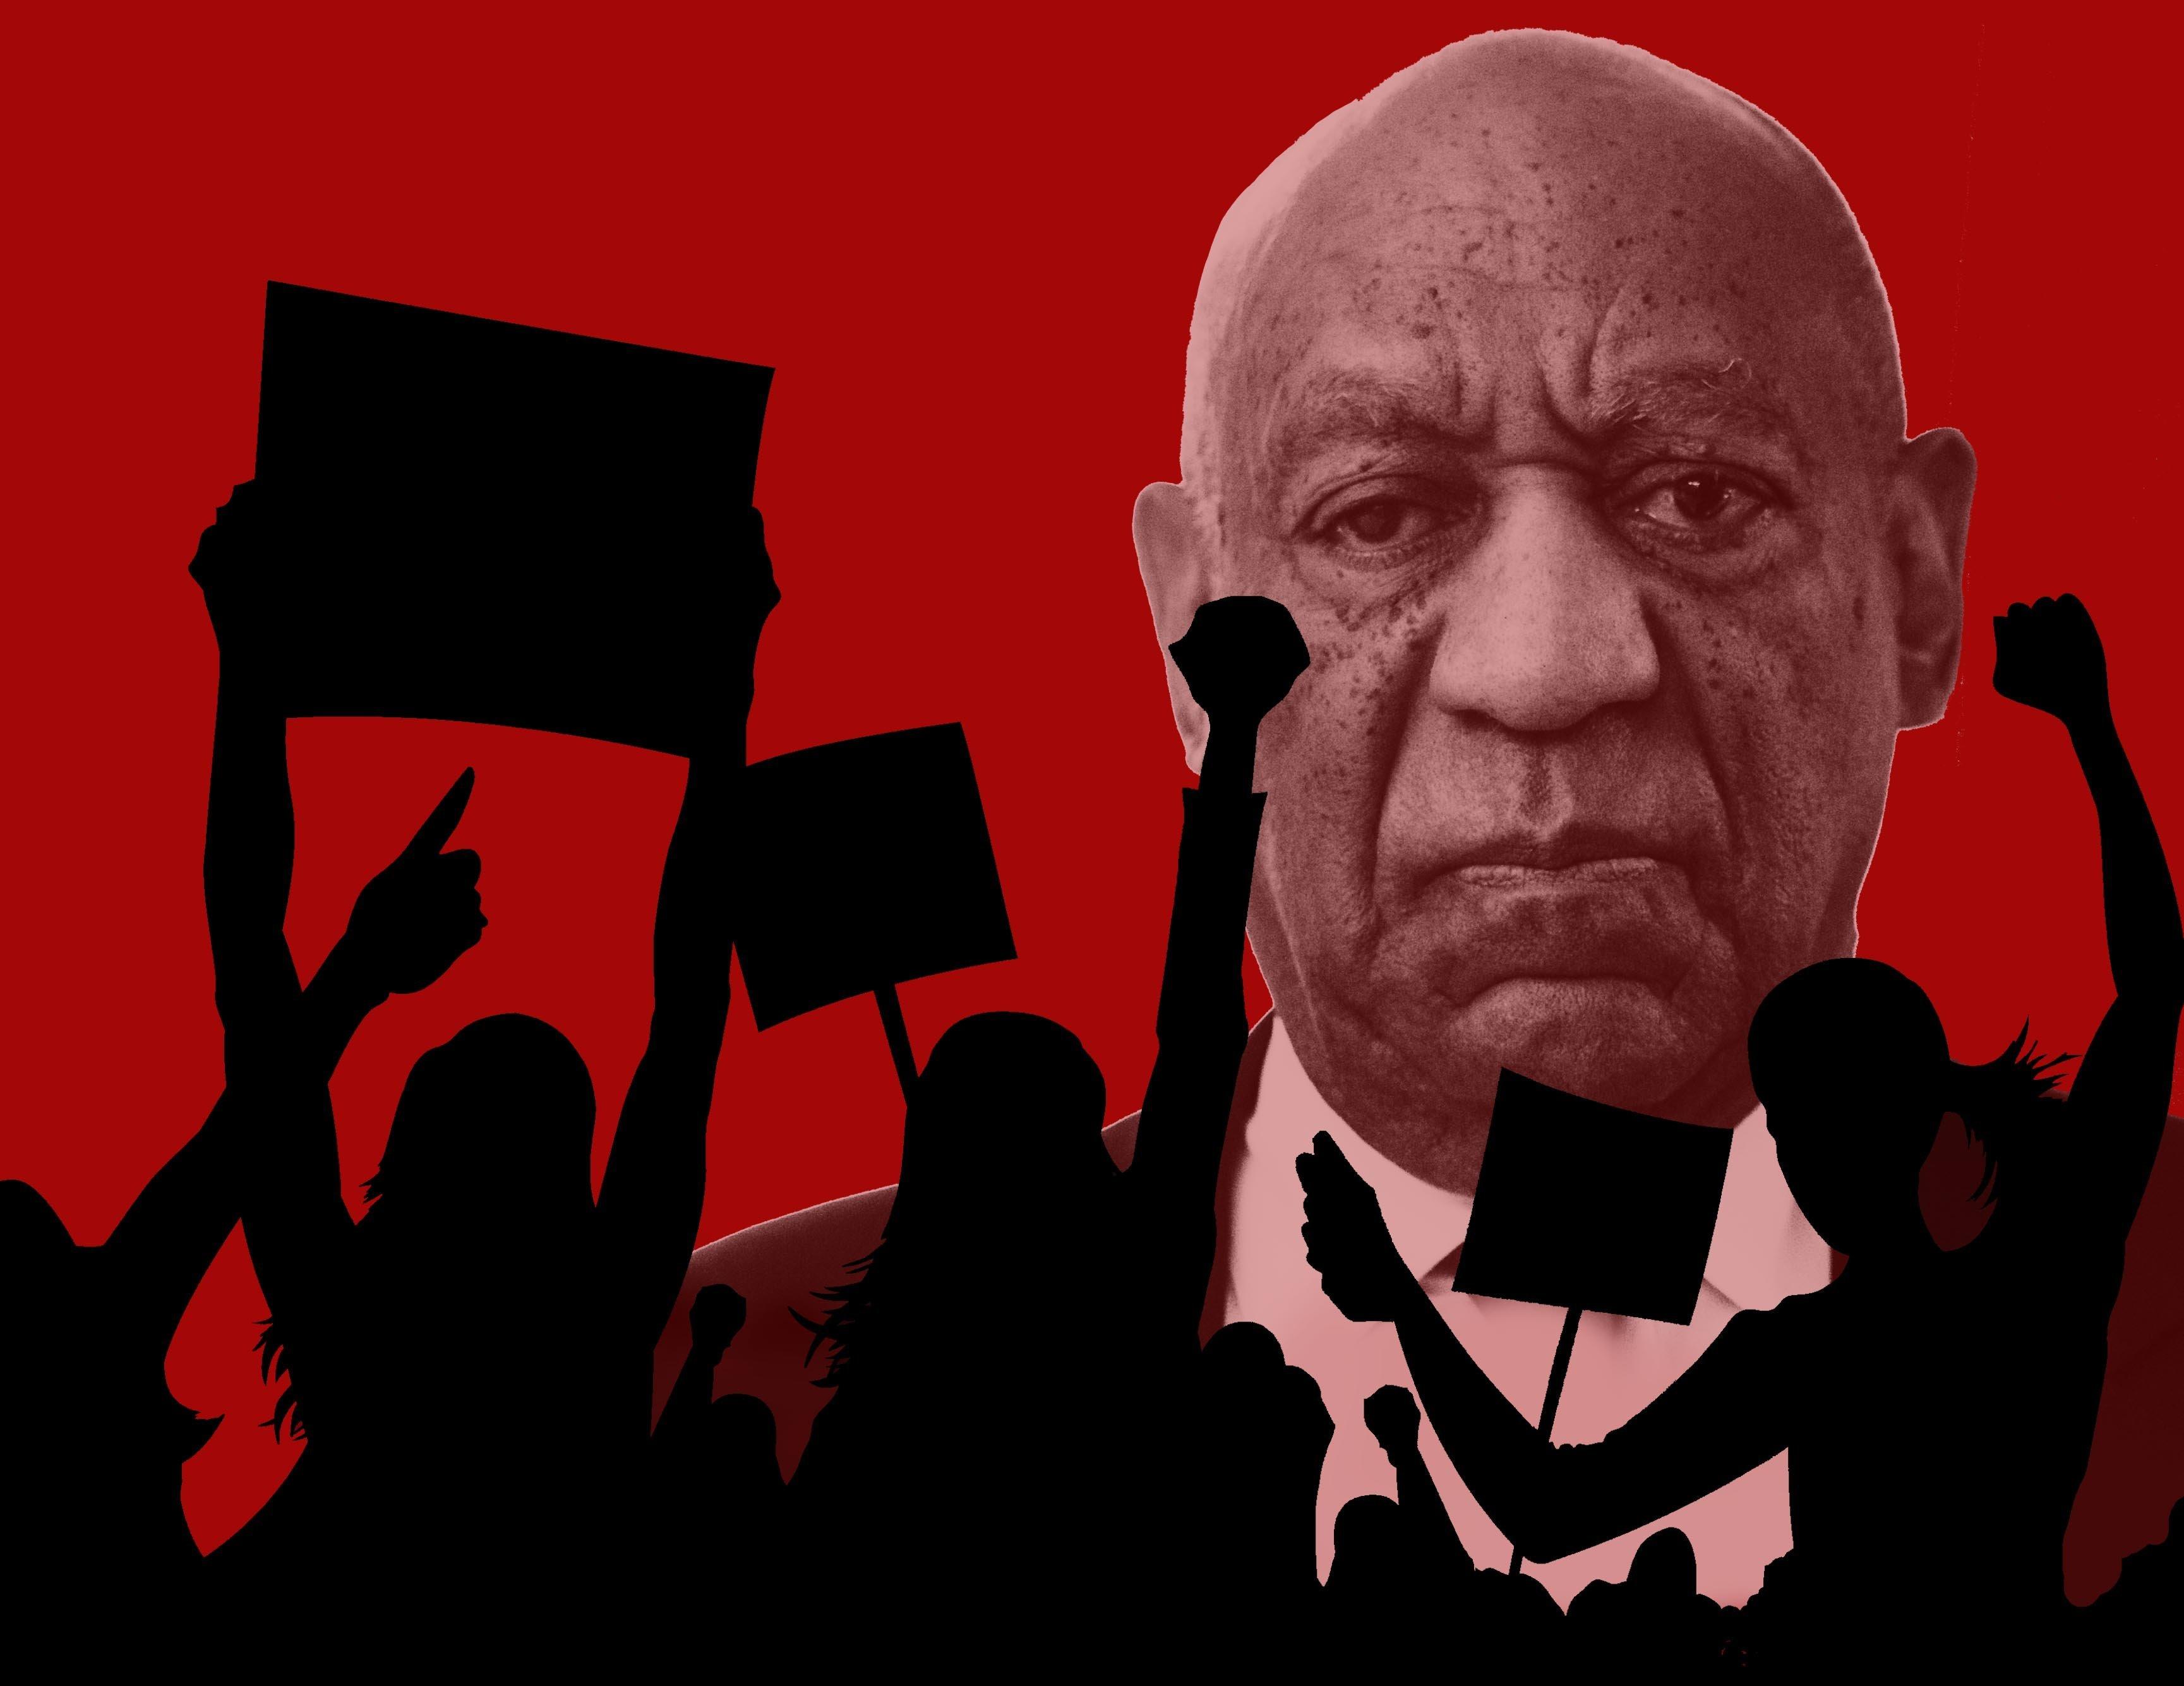 Bill Cosby Is Guilty. The Women Were